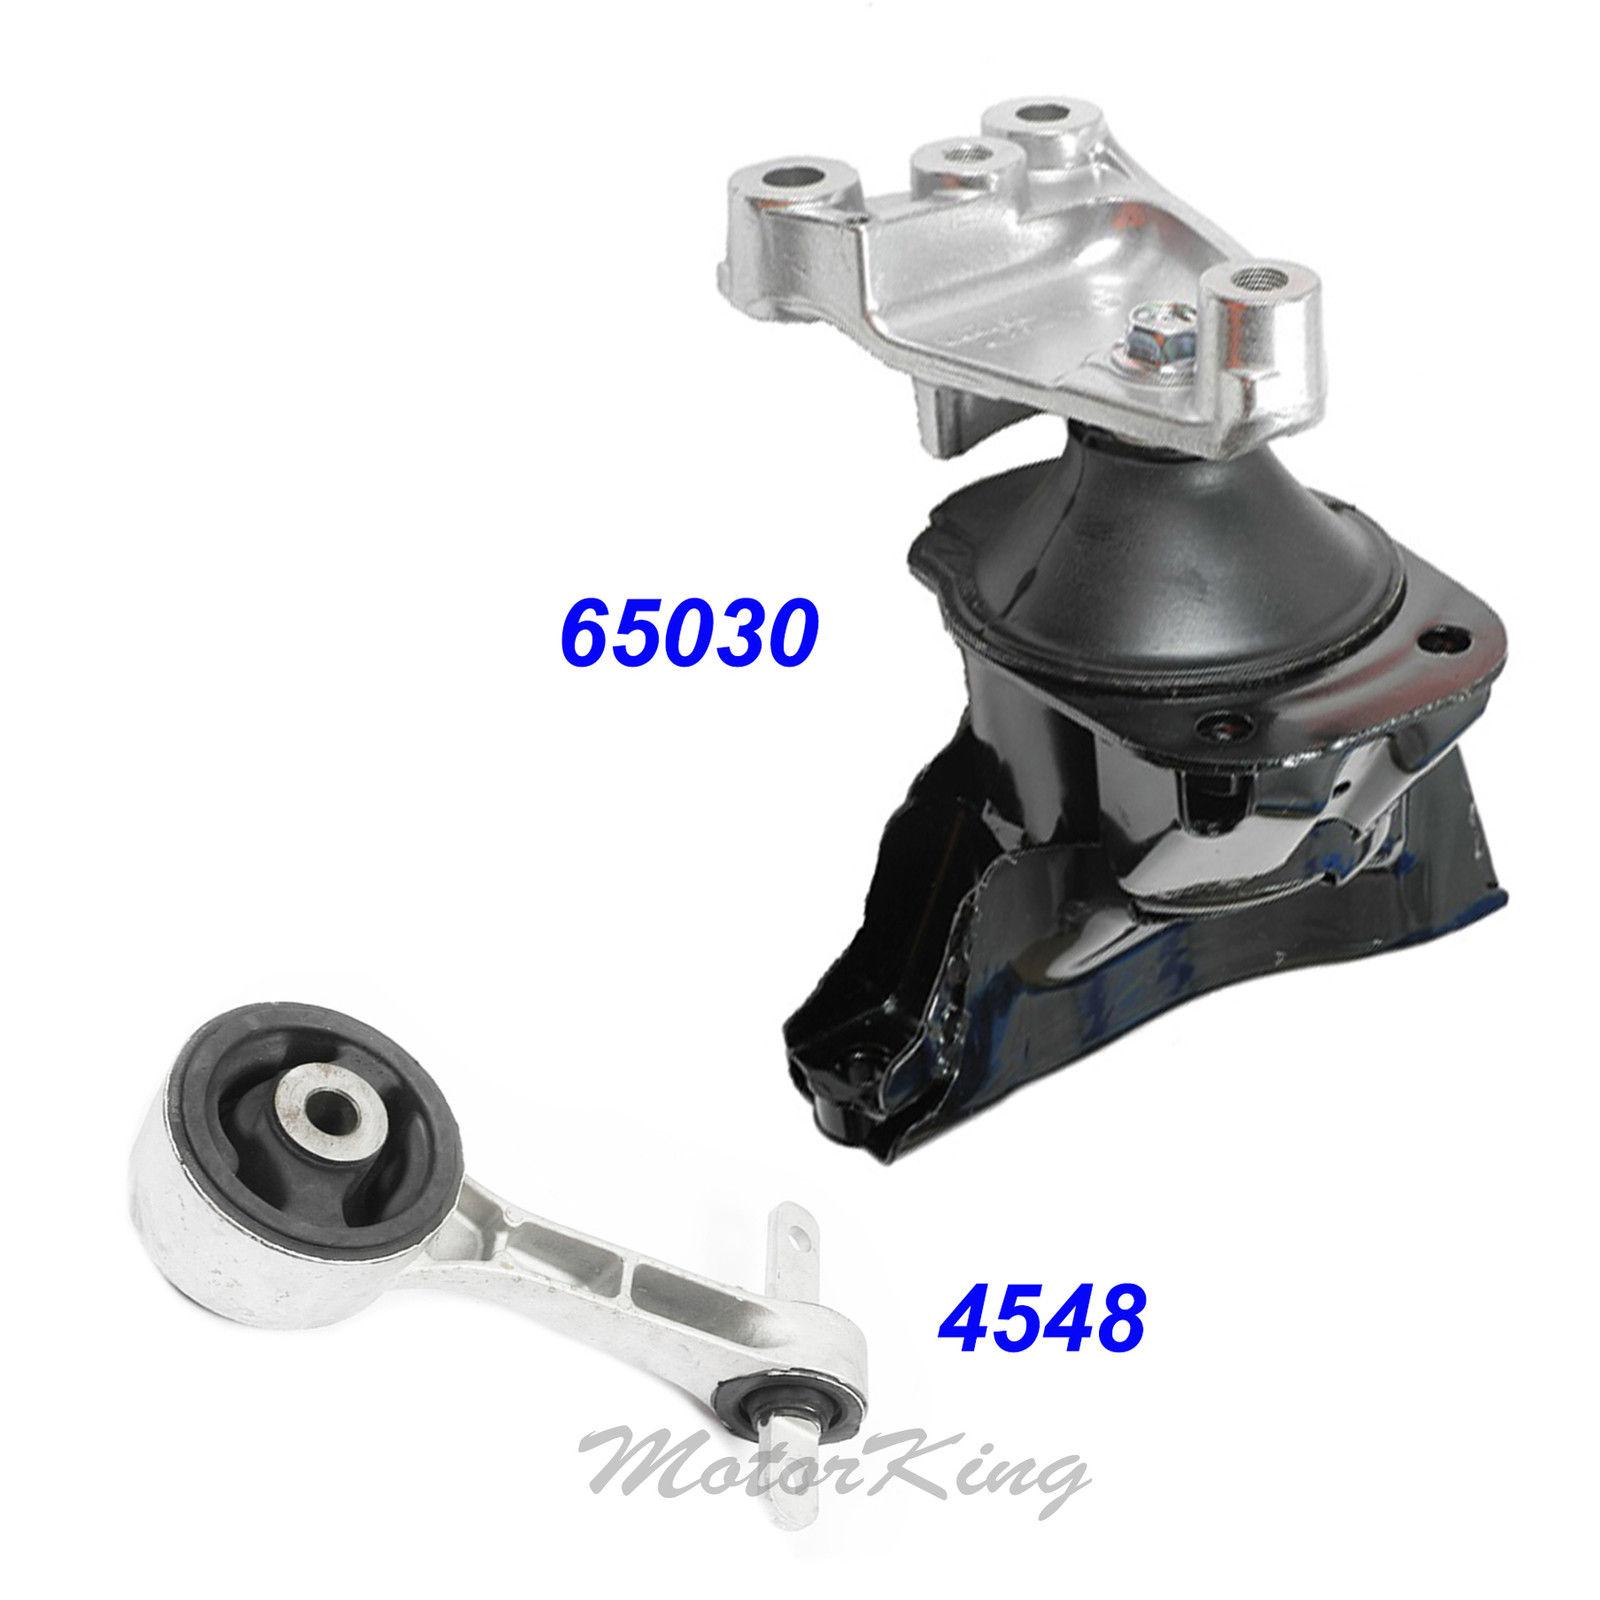 Engine Mount Front Westar EM-9280 fits 06-11 Honda Civic 1.8L-L4